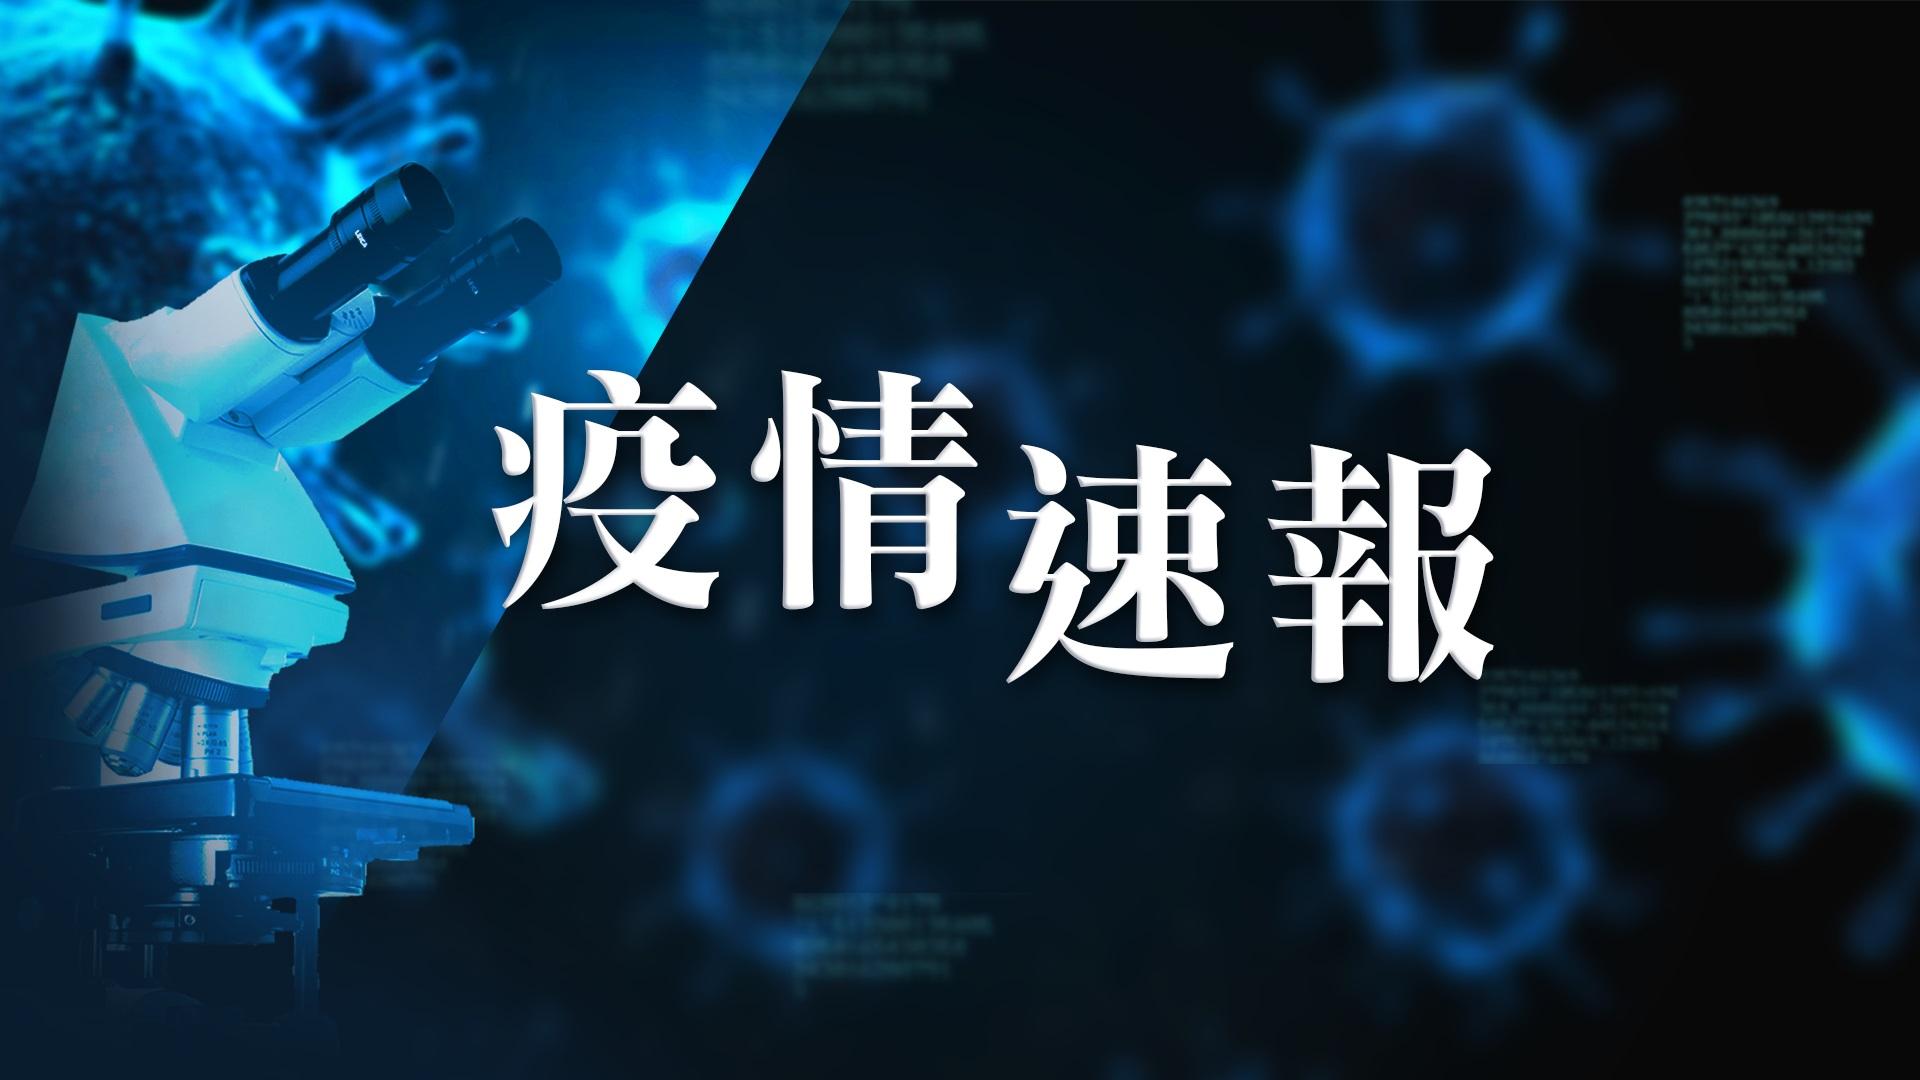 【1月31日疫情速報】(22:30)